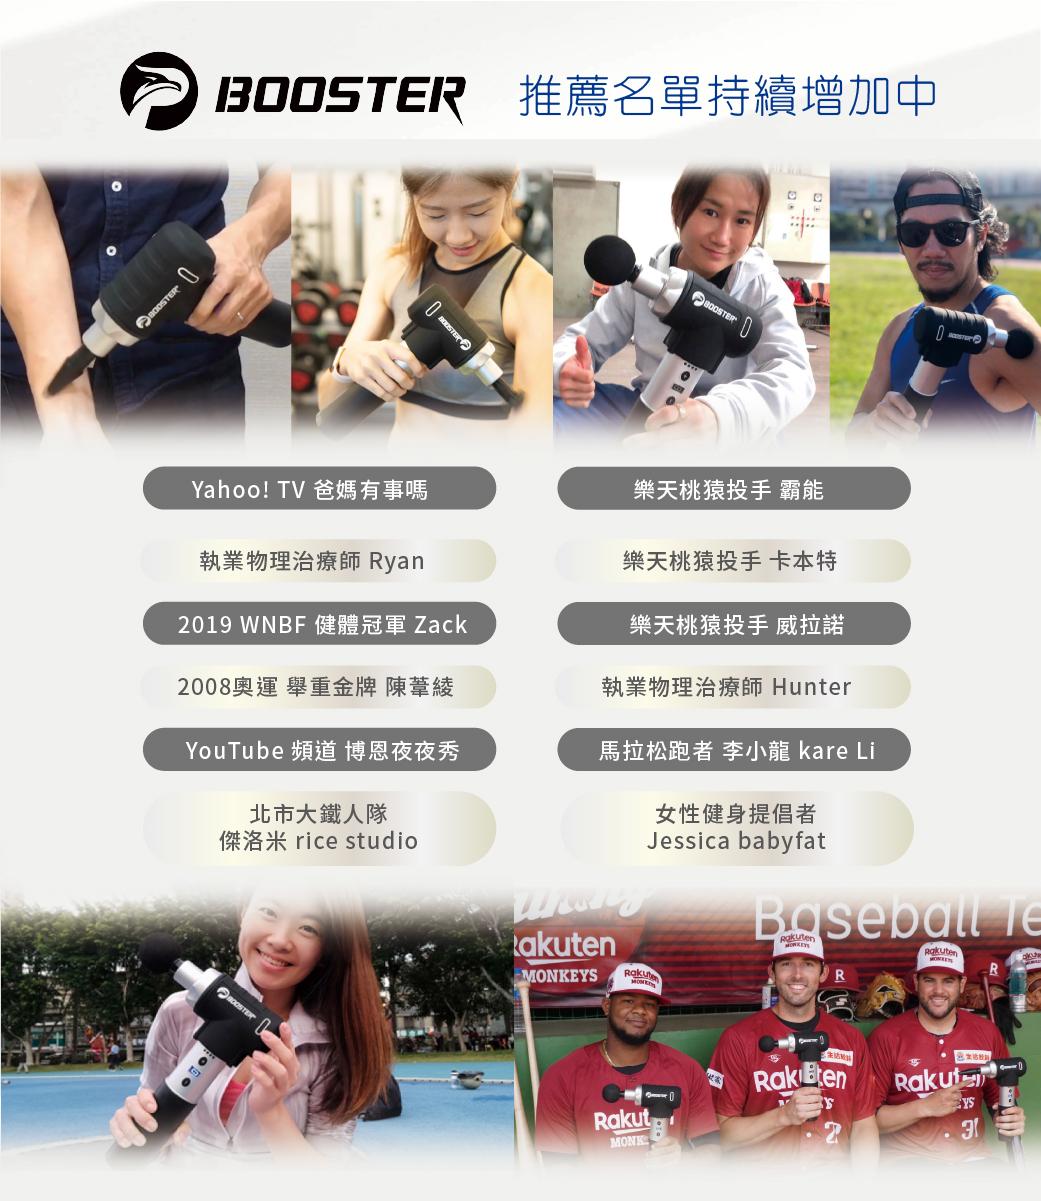 博恩夜夜秀、yahoo tv、健體冠軍、奧運選手、樂天桃猿隊投手都推薦Booster按摩槍